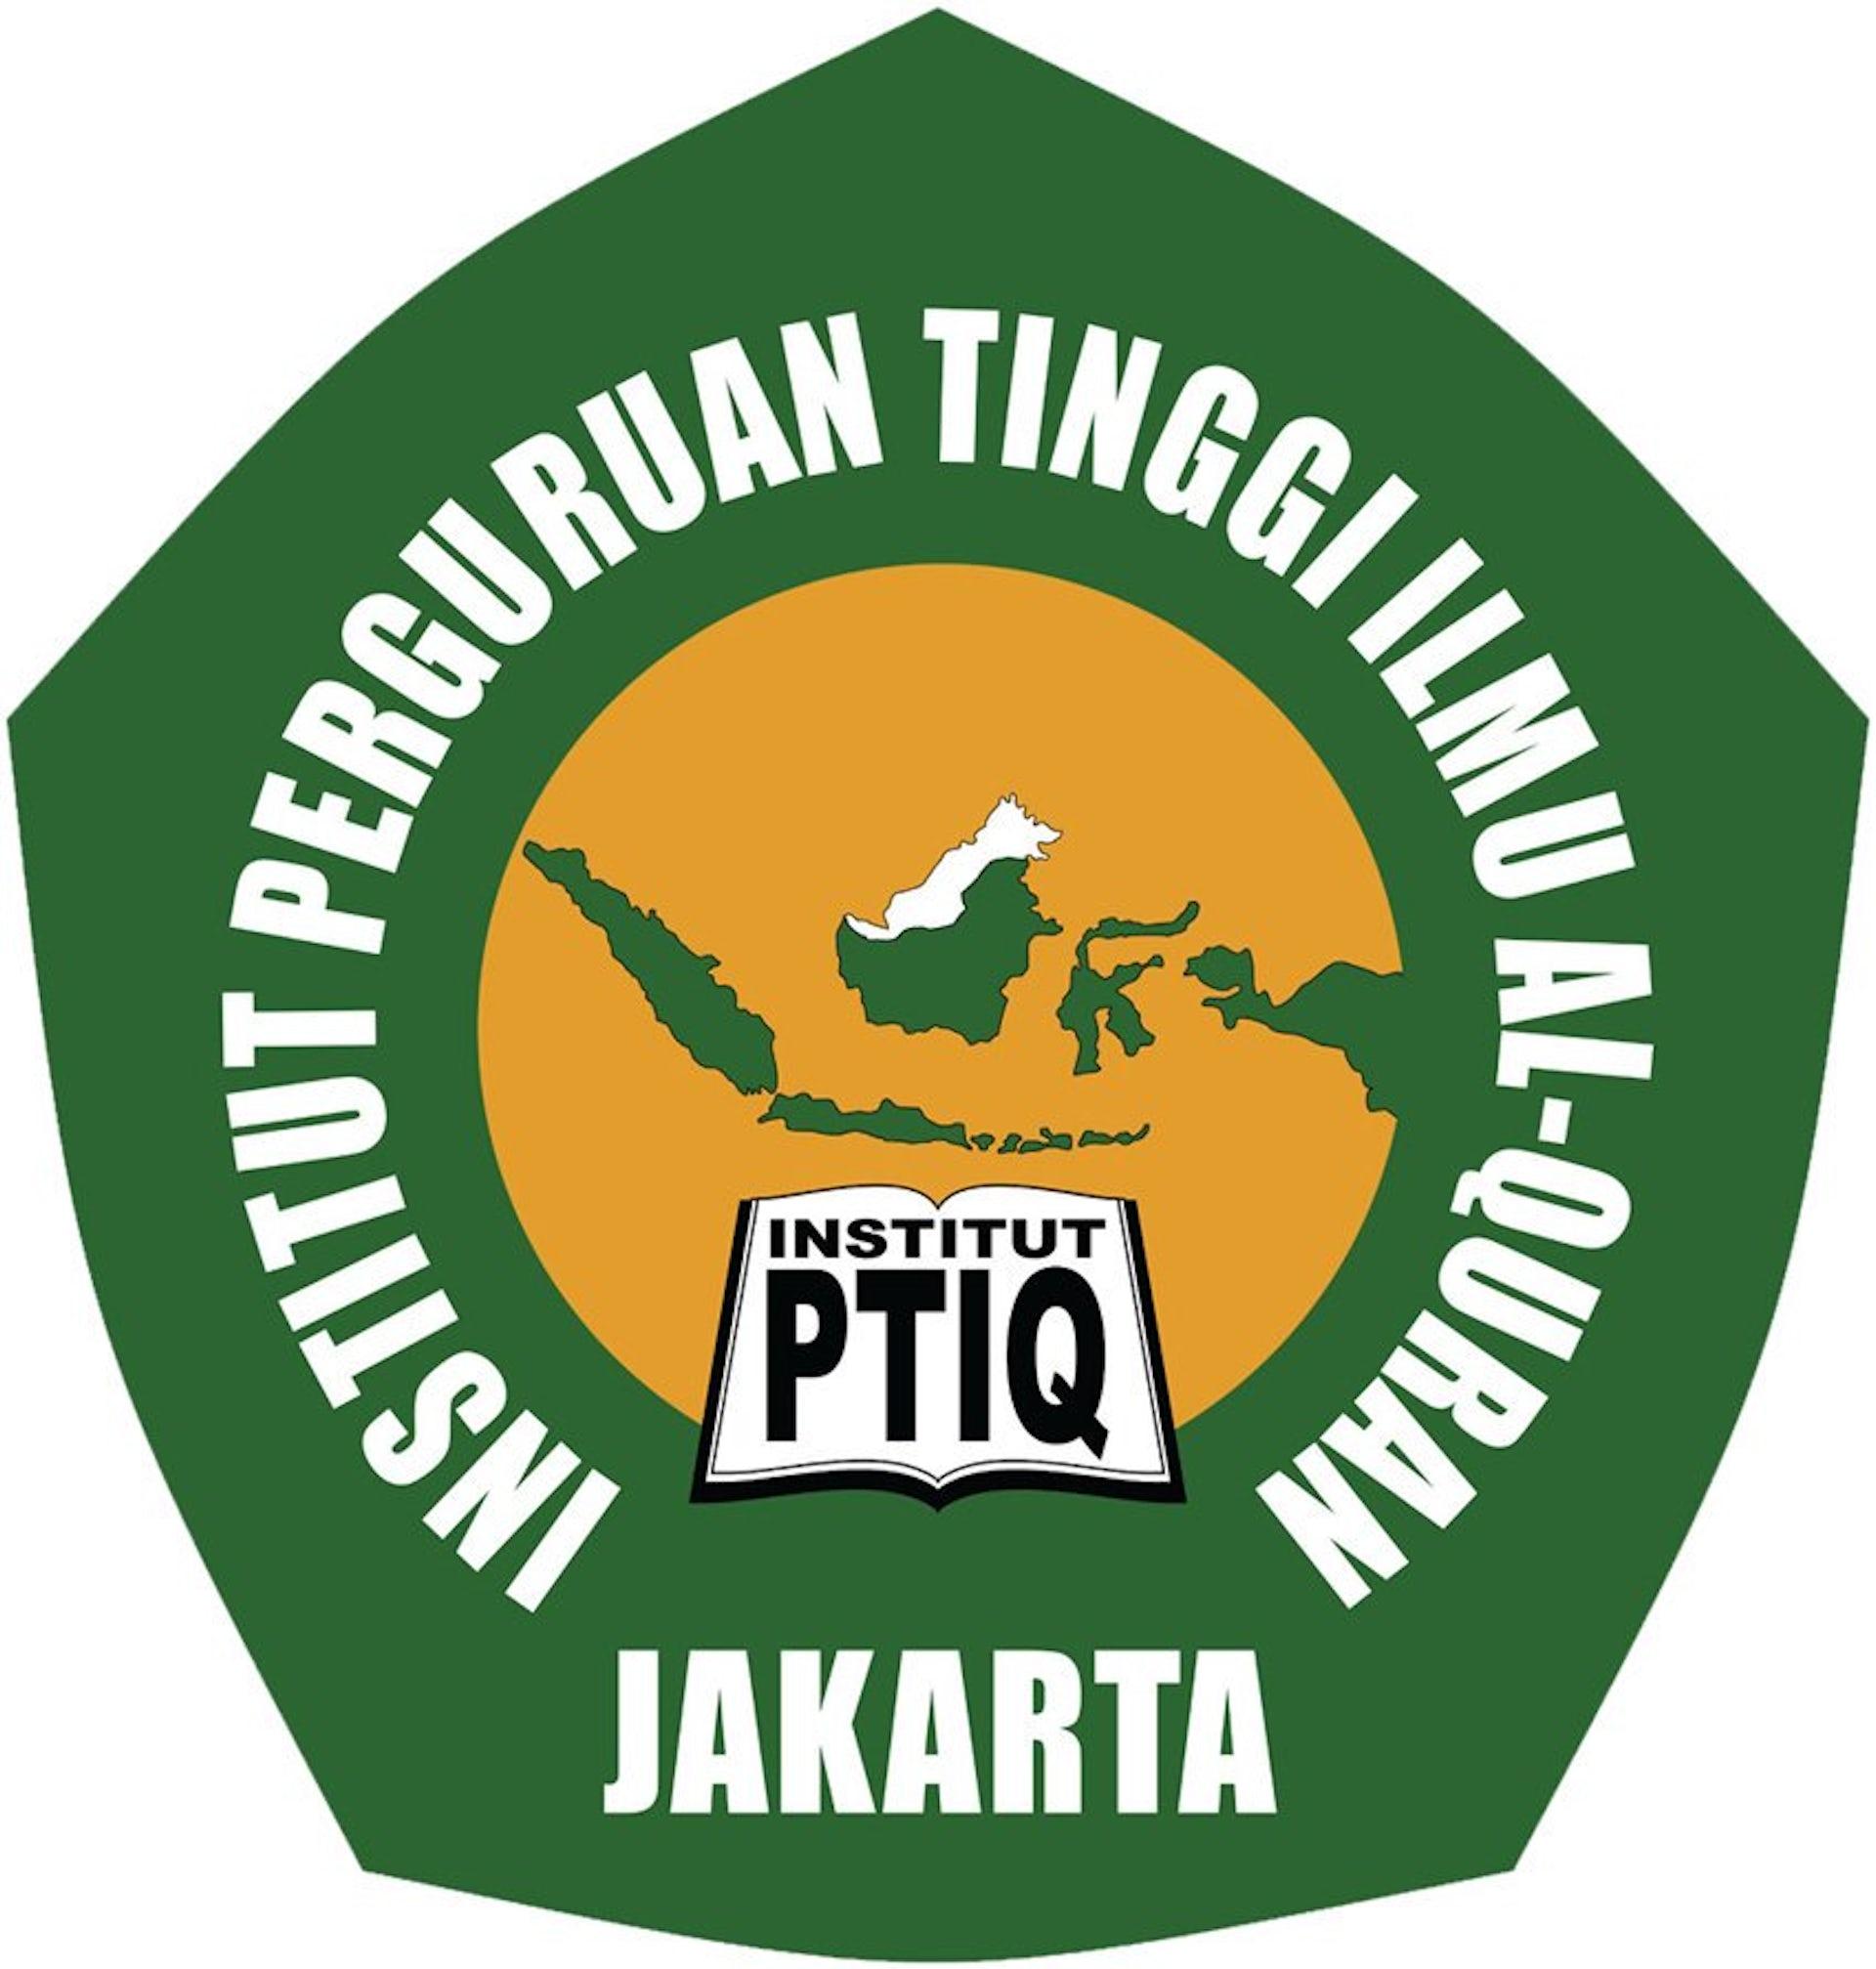 Logo 1501766340.jpg?ixlib=rb 1.1